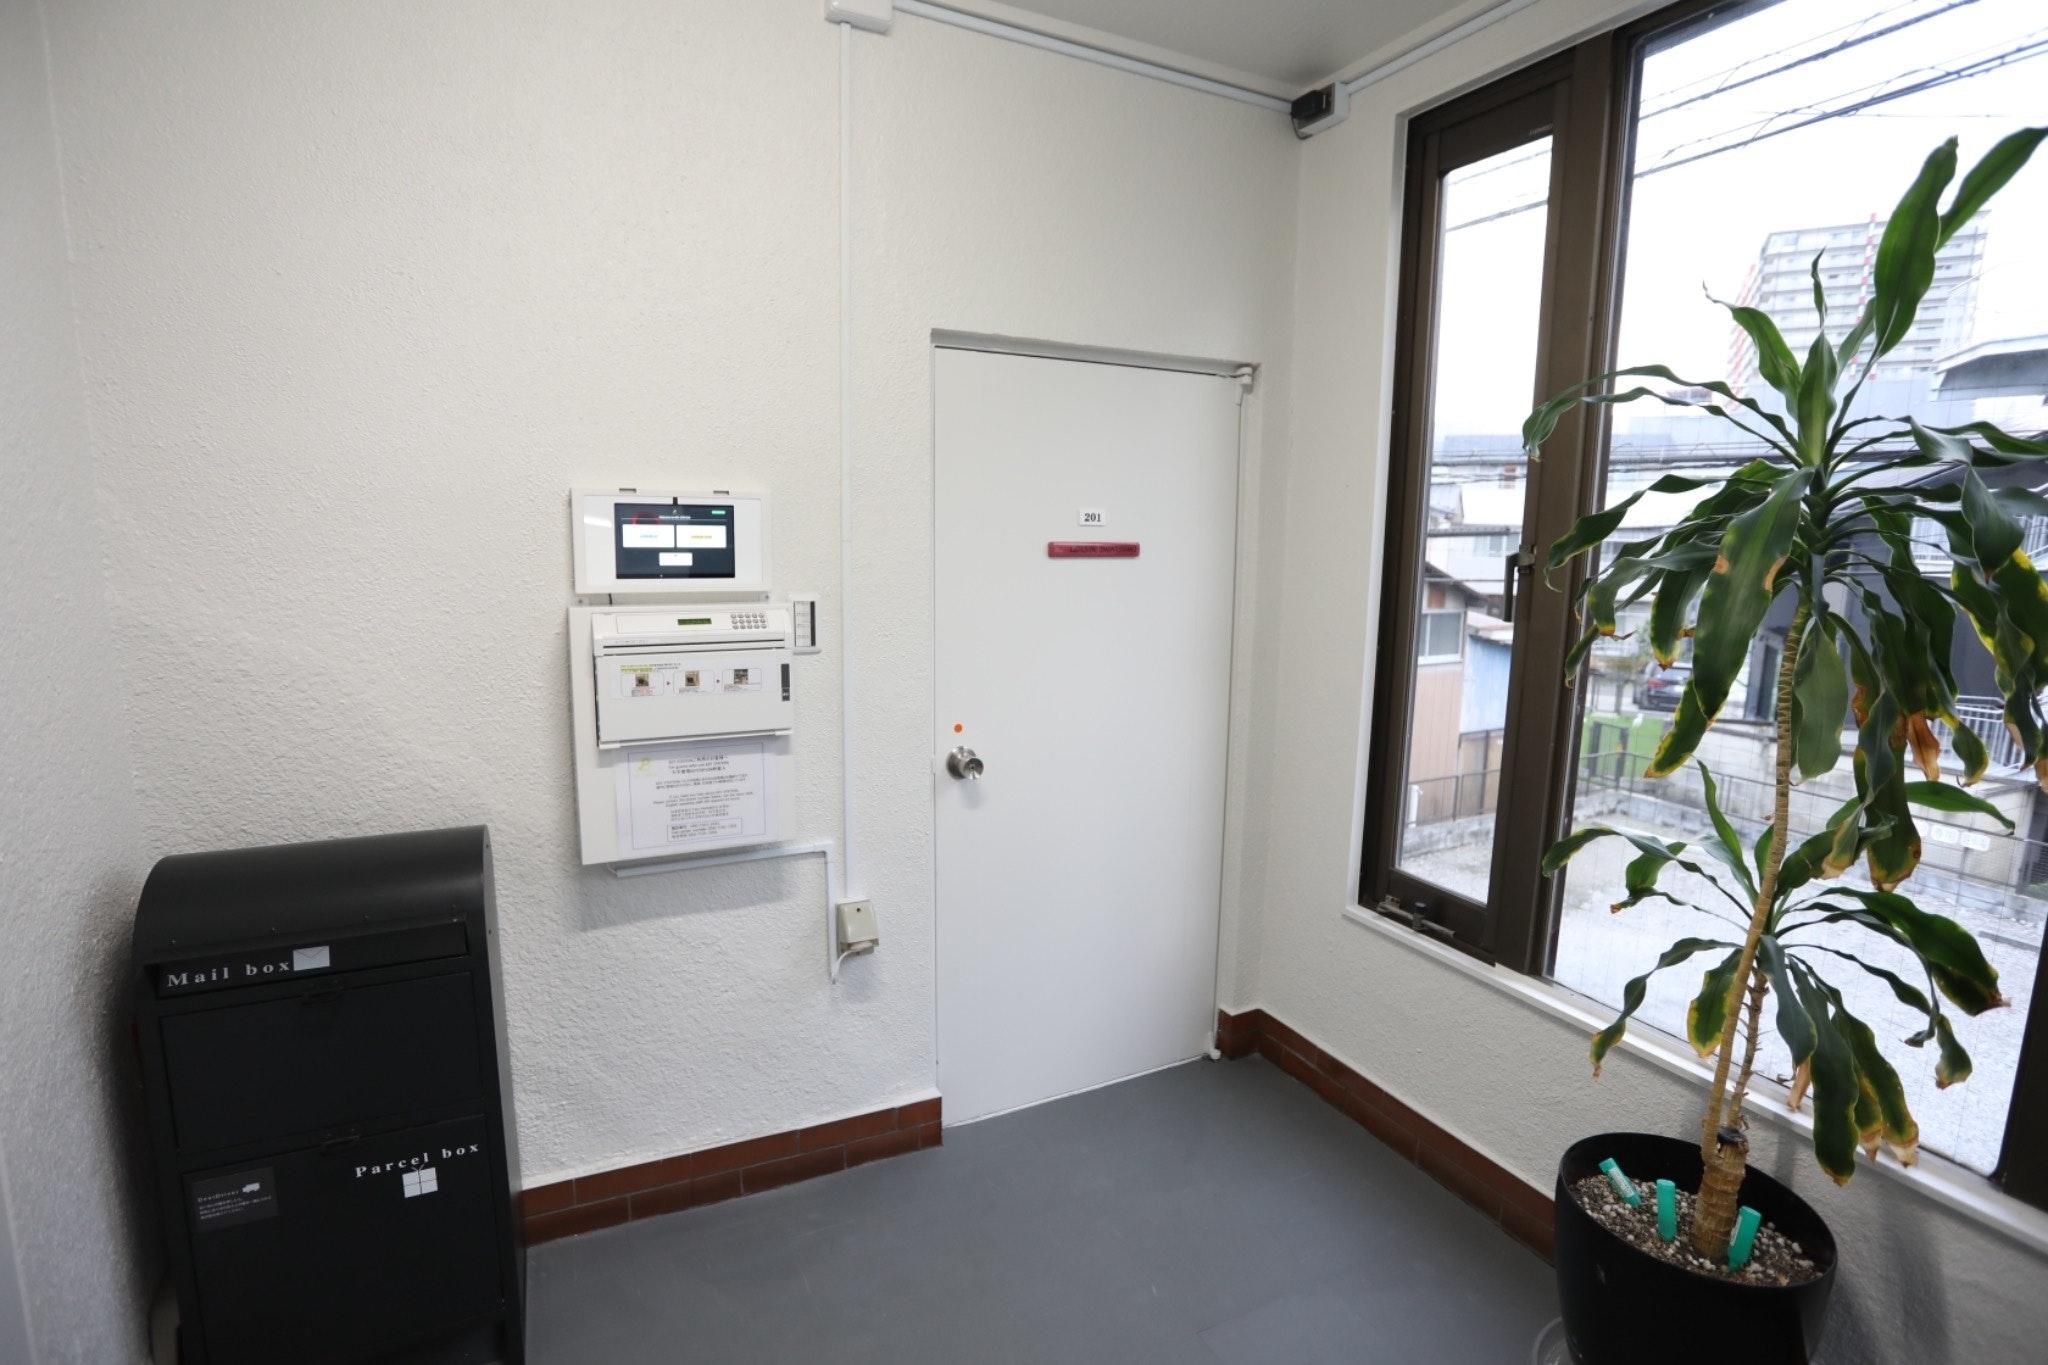 駅徒歩2〜3分、便利な立地。和洋折衷の快適なお部屋。ファミリーに最適。